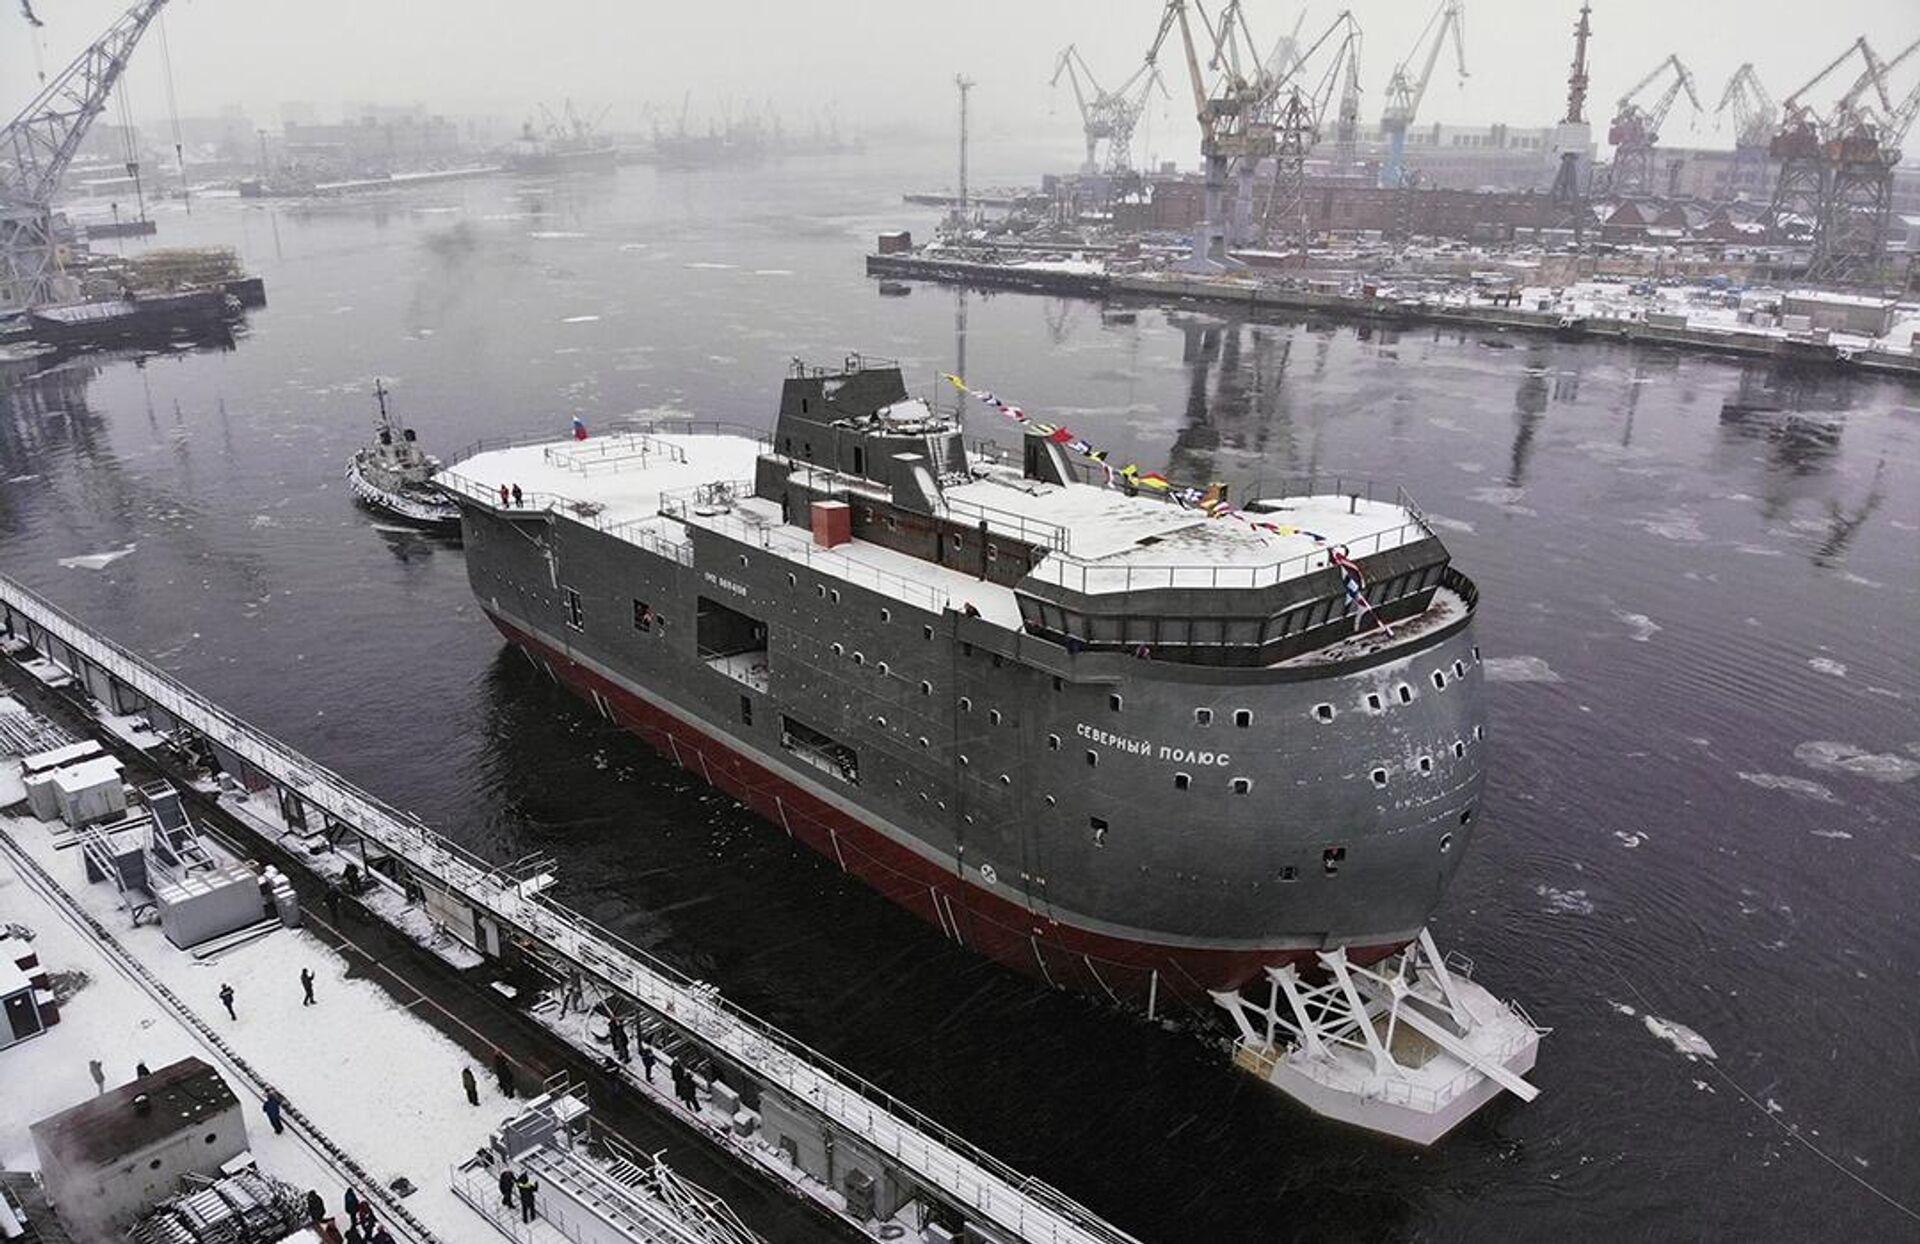 Спуск на воду ЛСП Северный полюс в Санкт-Петербурге - РИА Новости, 1920, 30.12.2020